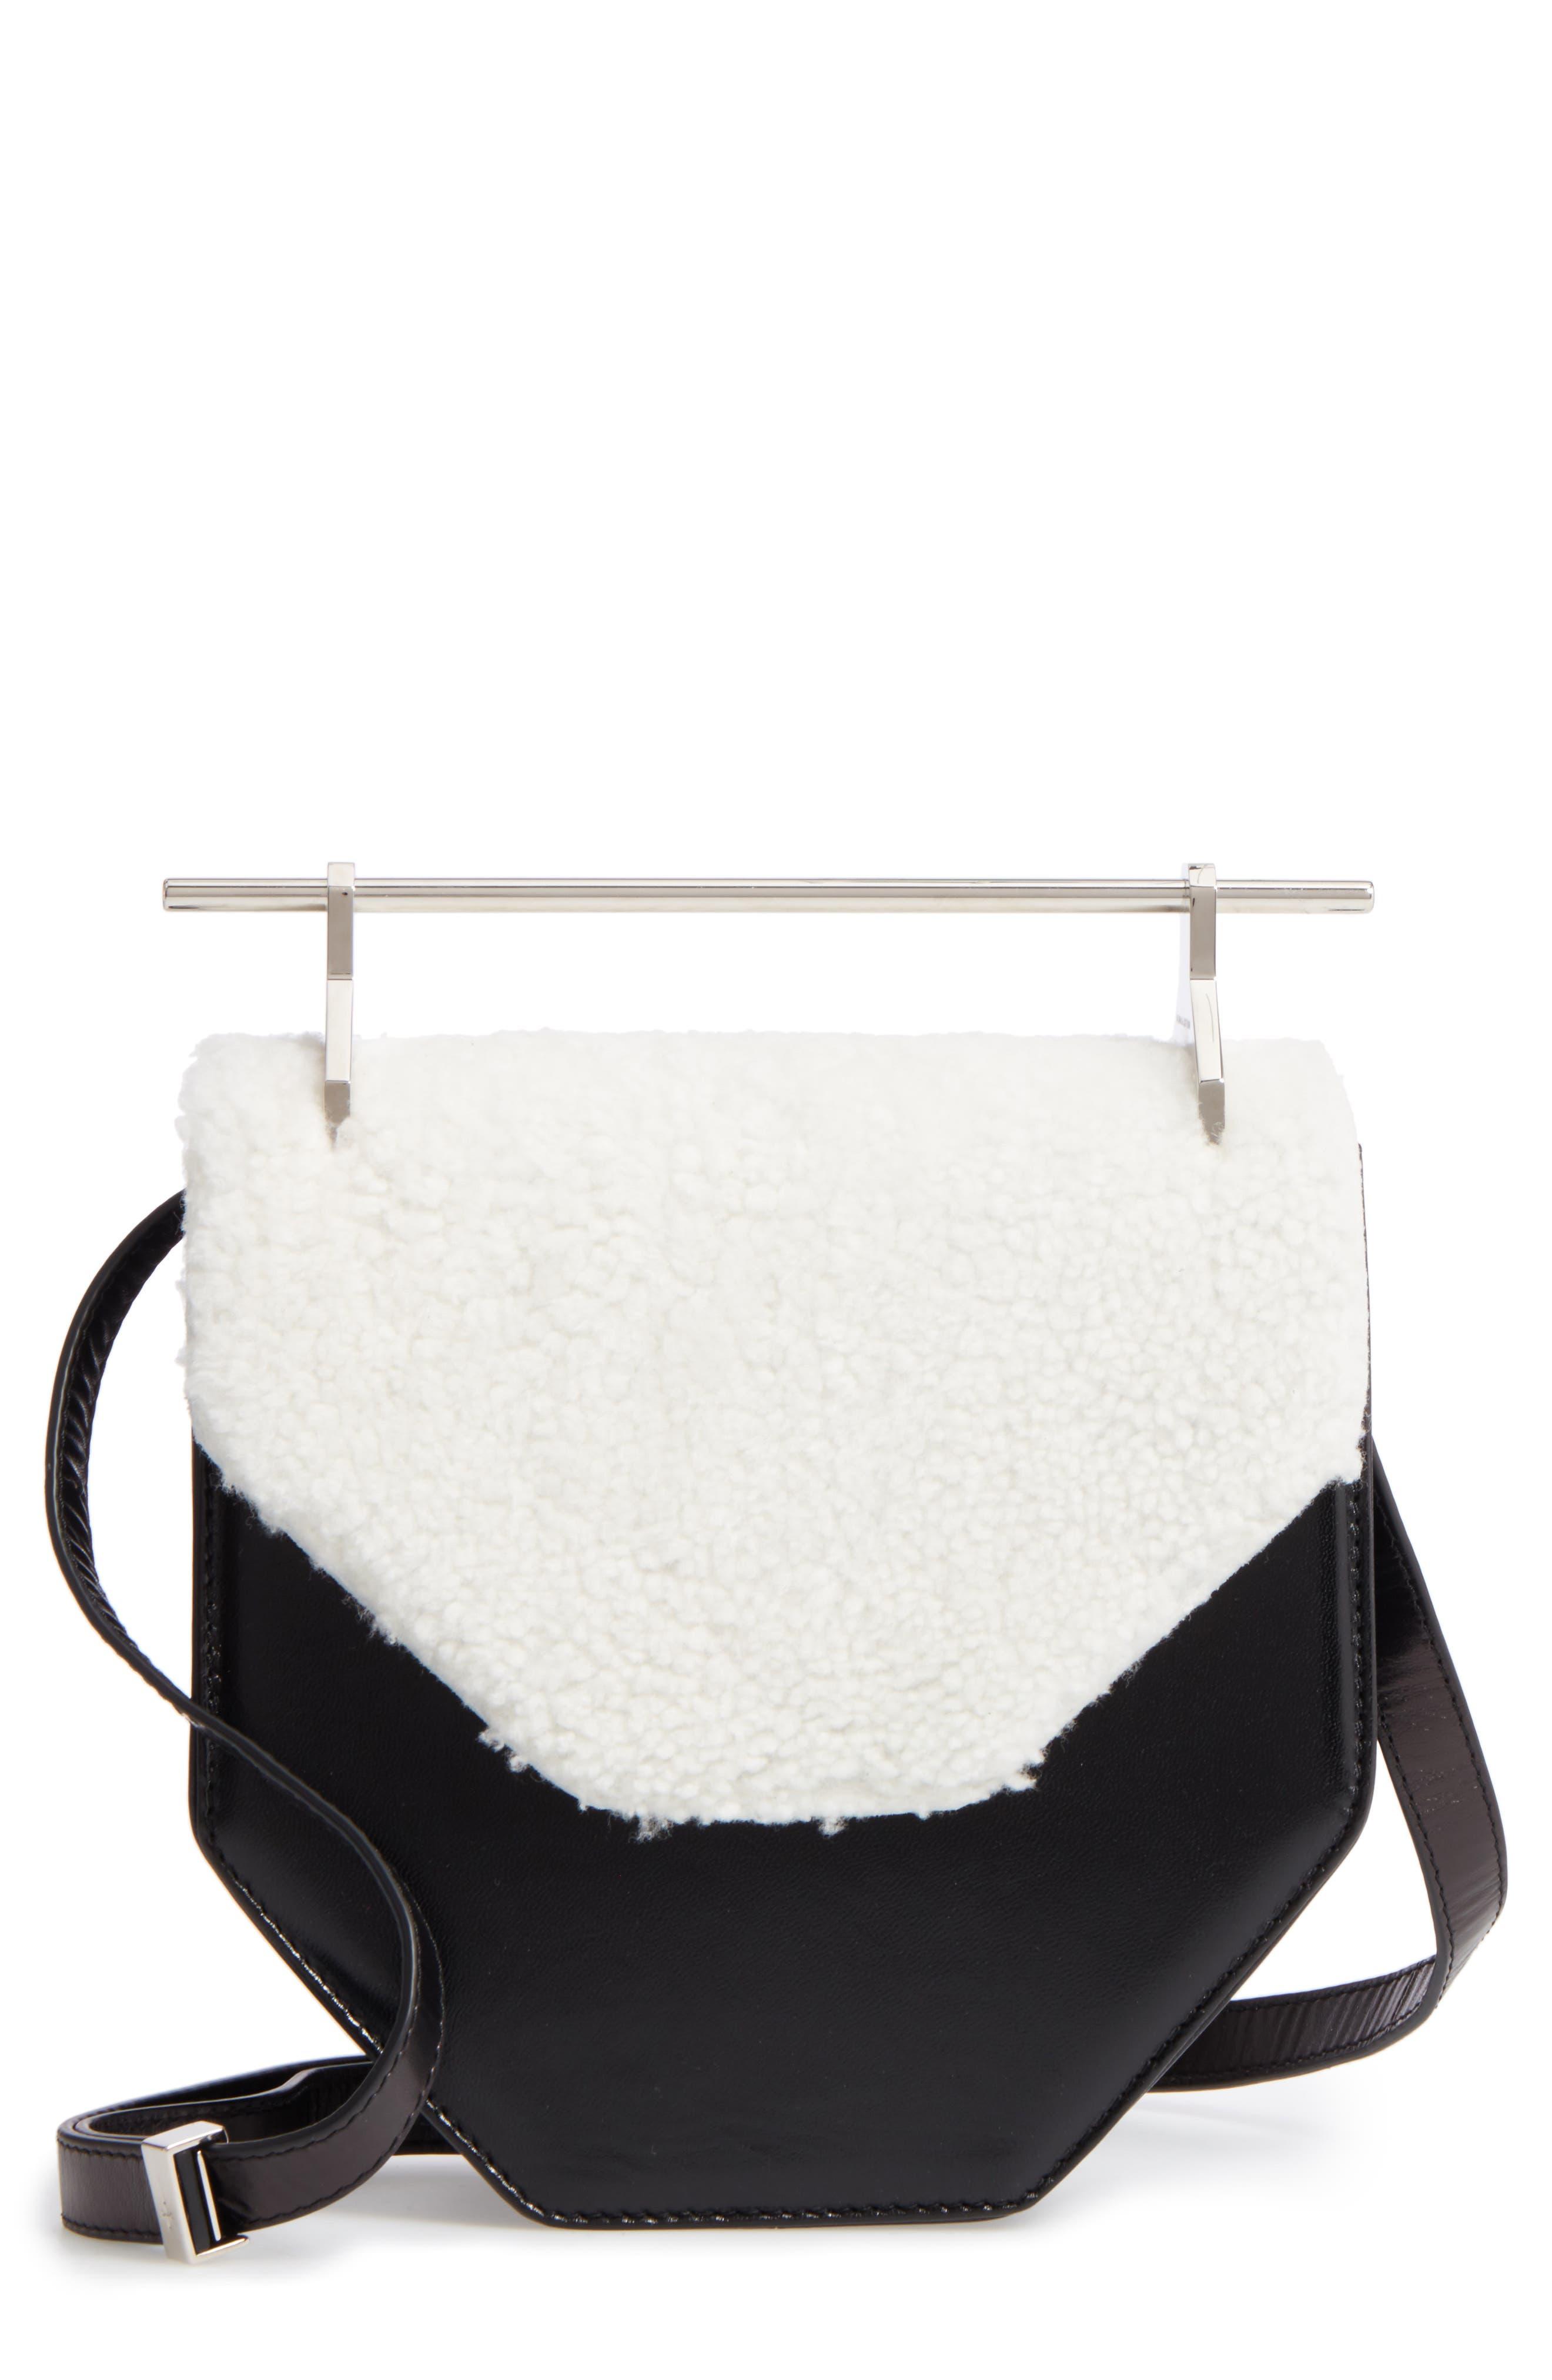 M2Malletier Amor Fati Leather & Genuine Shearling Shoulder Bag